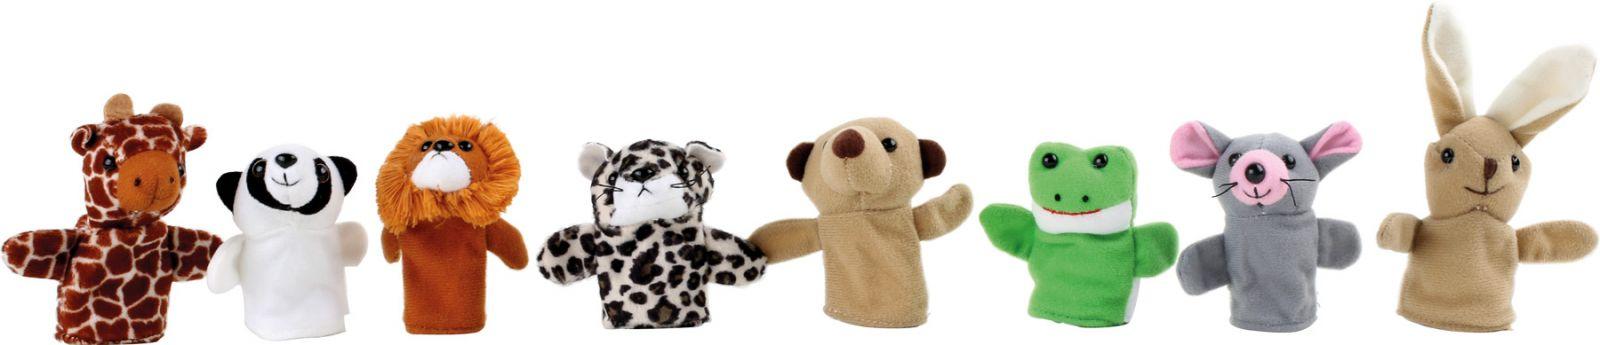 Dřevěné hračky Small Foot Prstoví maňásci veselá zvířátka Small foot by Legler